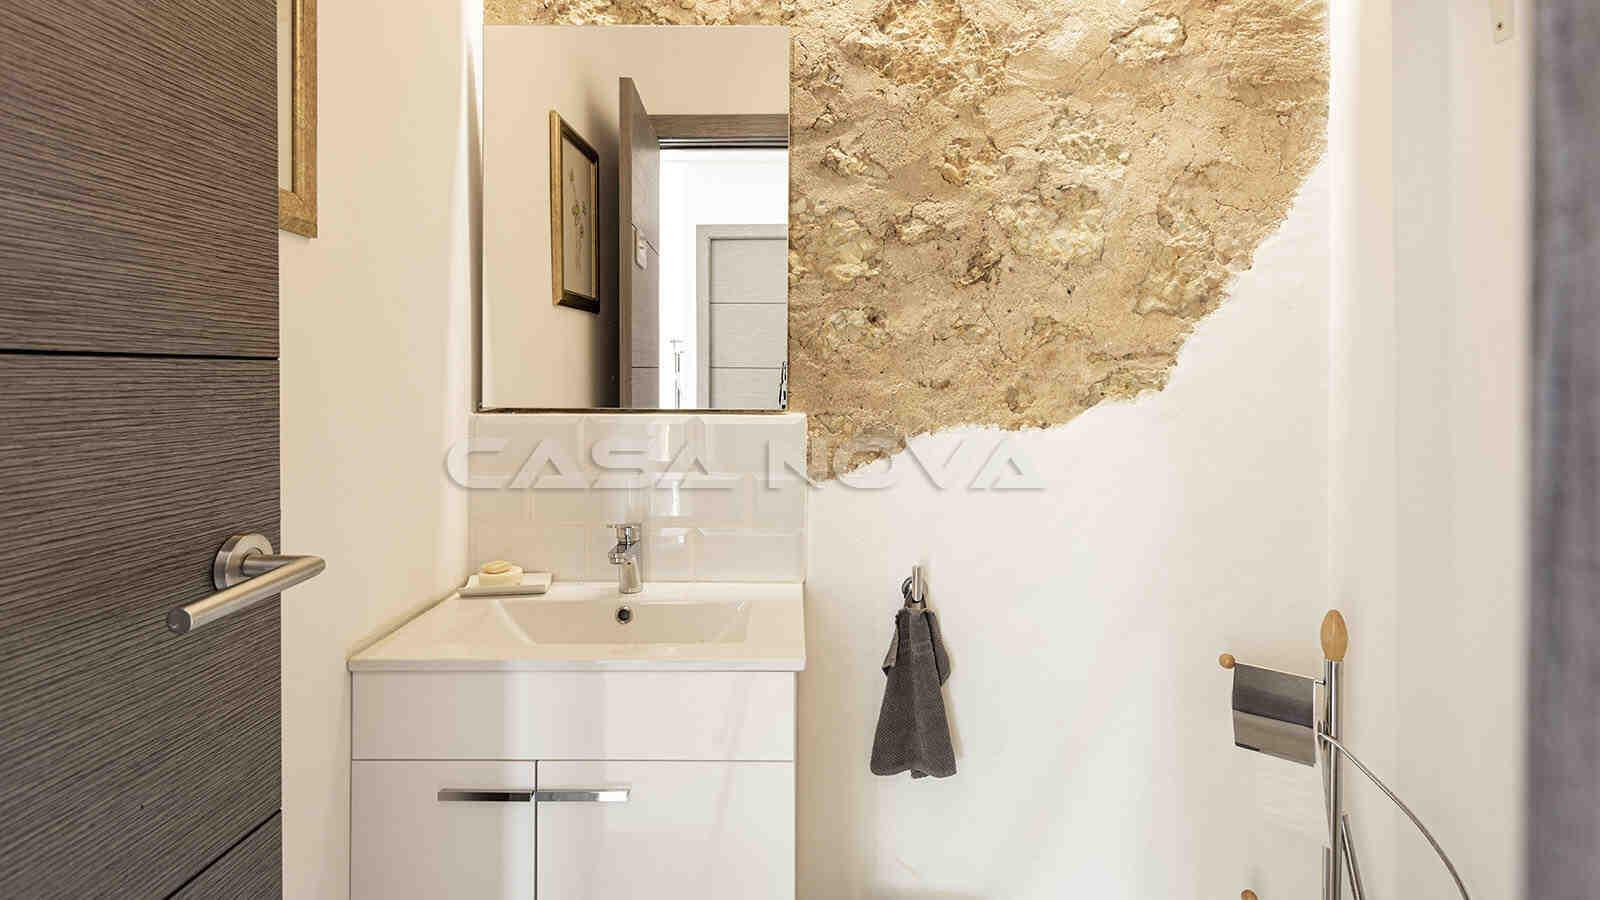 Badezimmer mit rustikalen Elementen